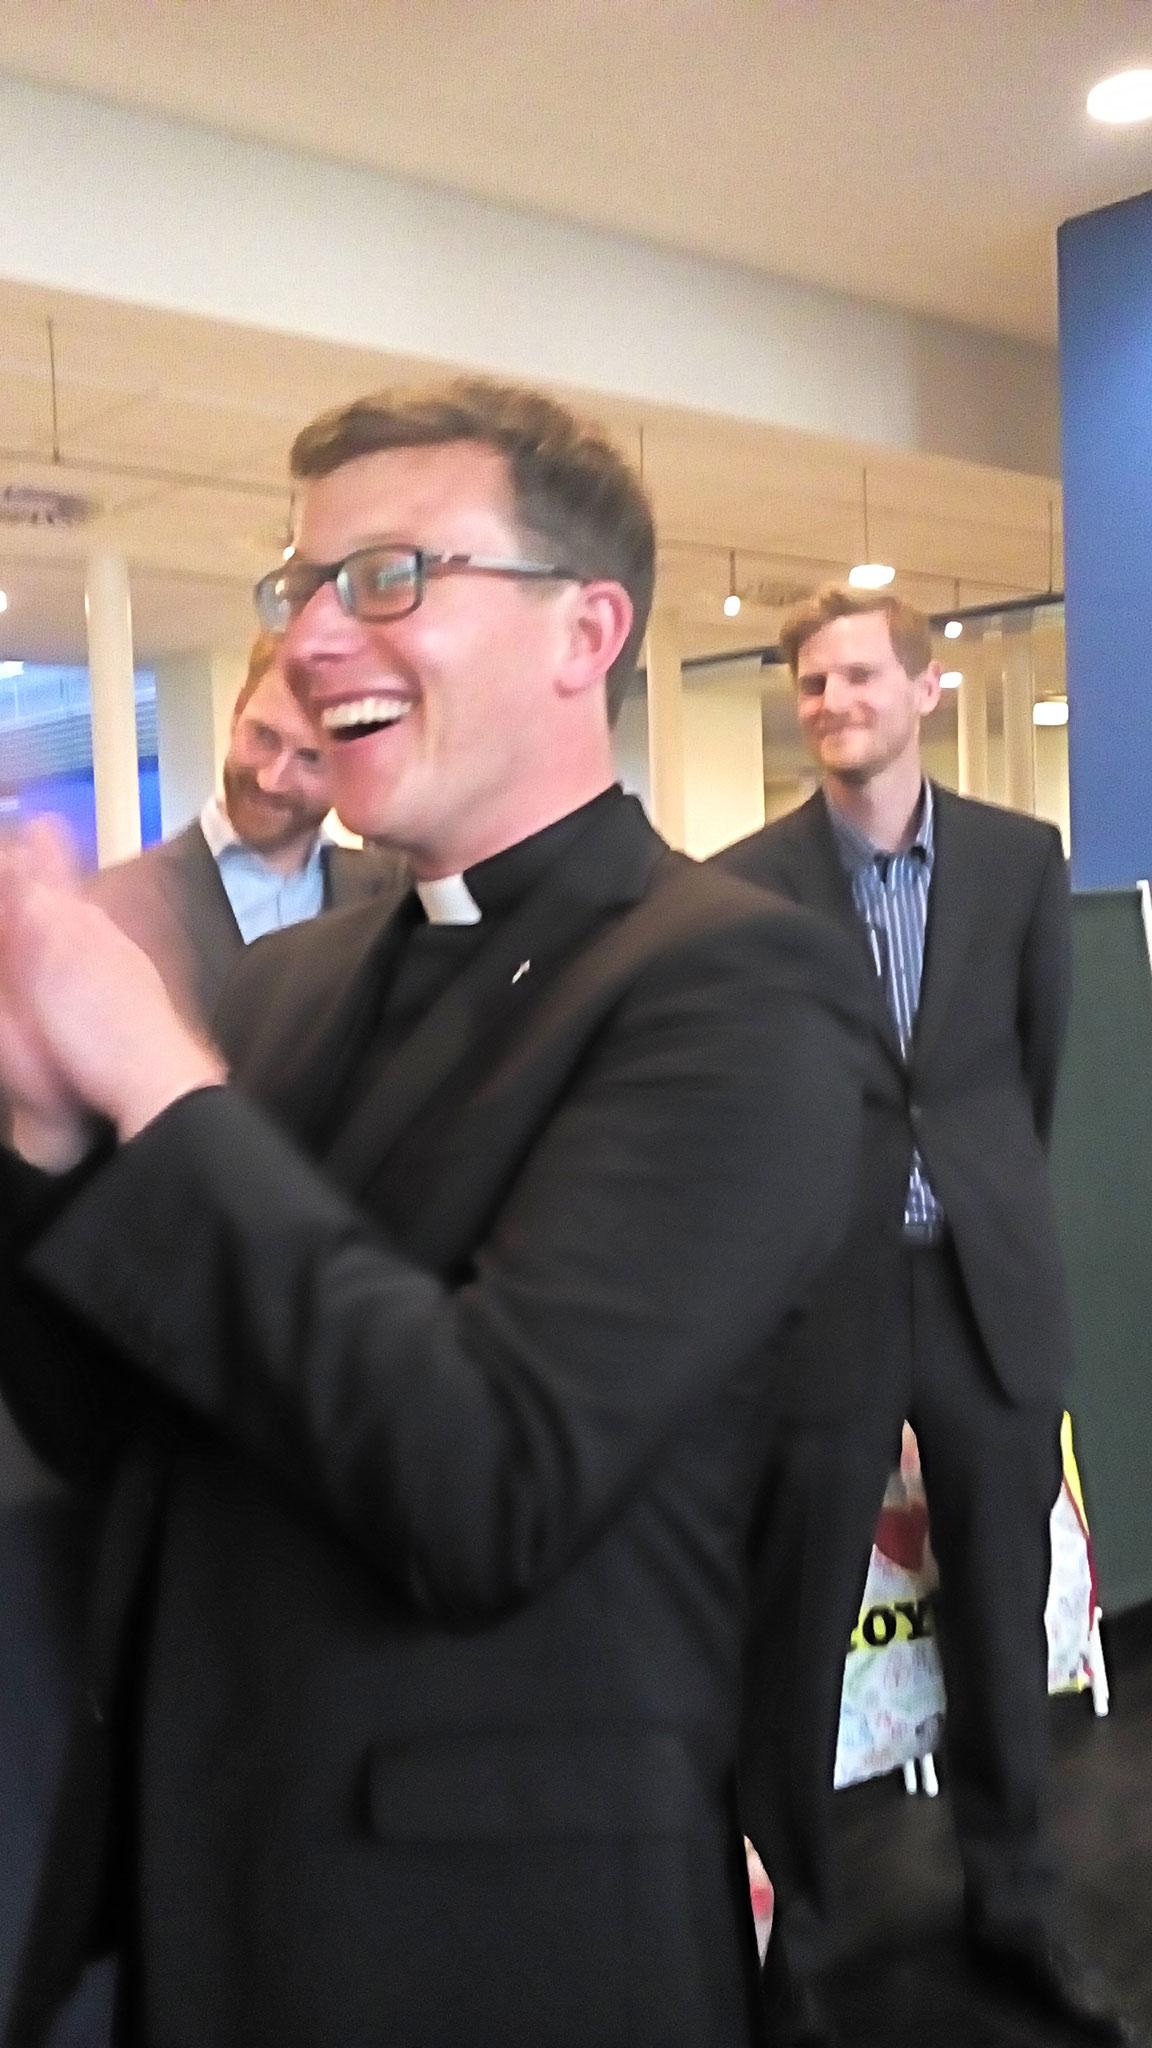 Niklas Belting freut sich über die Teilnahme der Sangesschwestern und Brüder anlässlich seiner Priesterweihe - Foto:privat